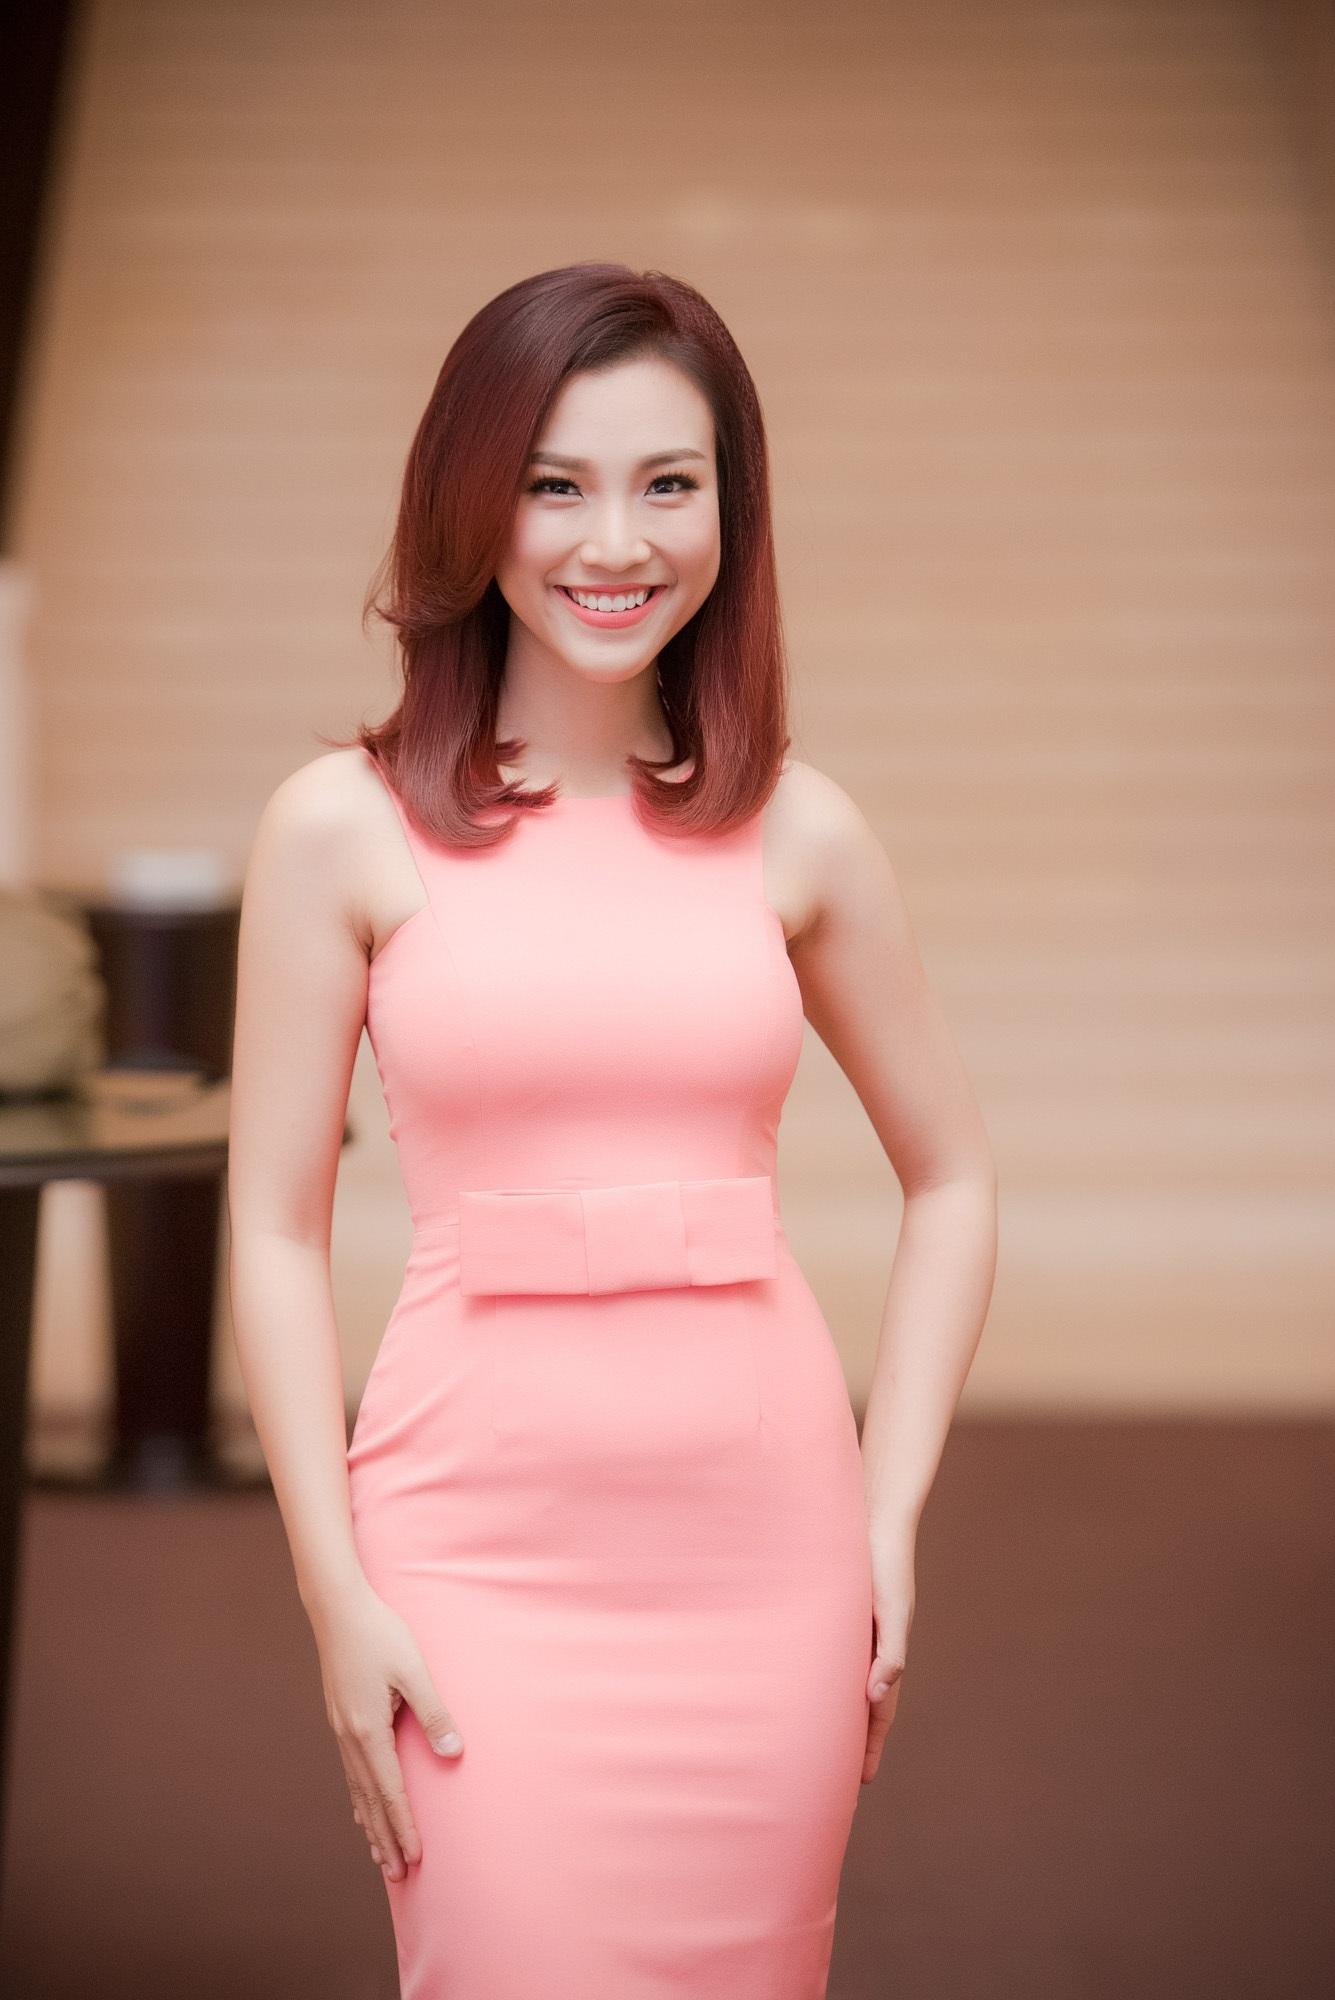 MC Hoàng Oanh sẽ là người dẫn chương trình cùng Bình Minh trong đêm chung kết HHVN 2016